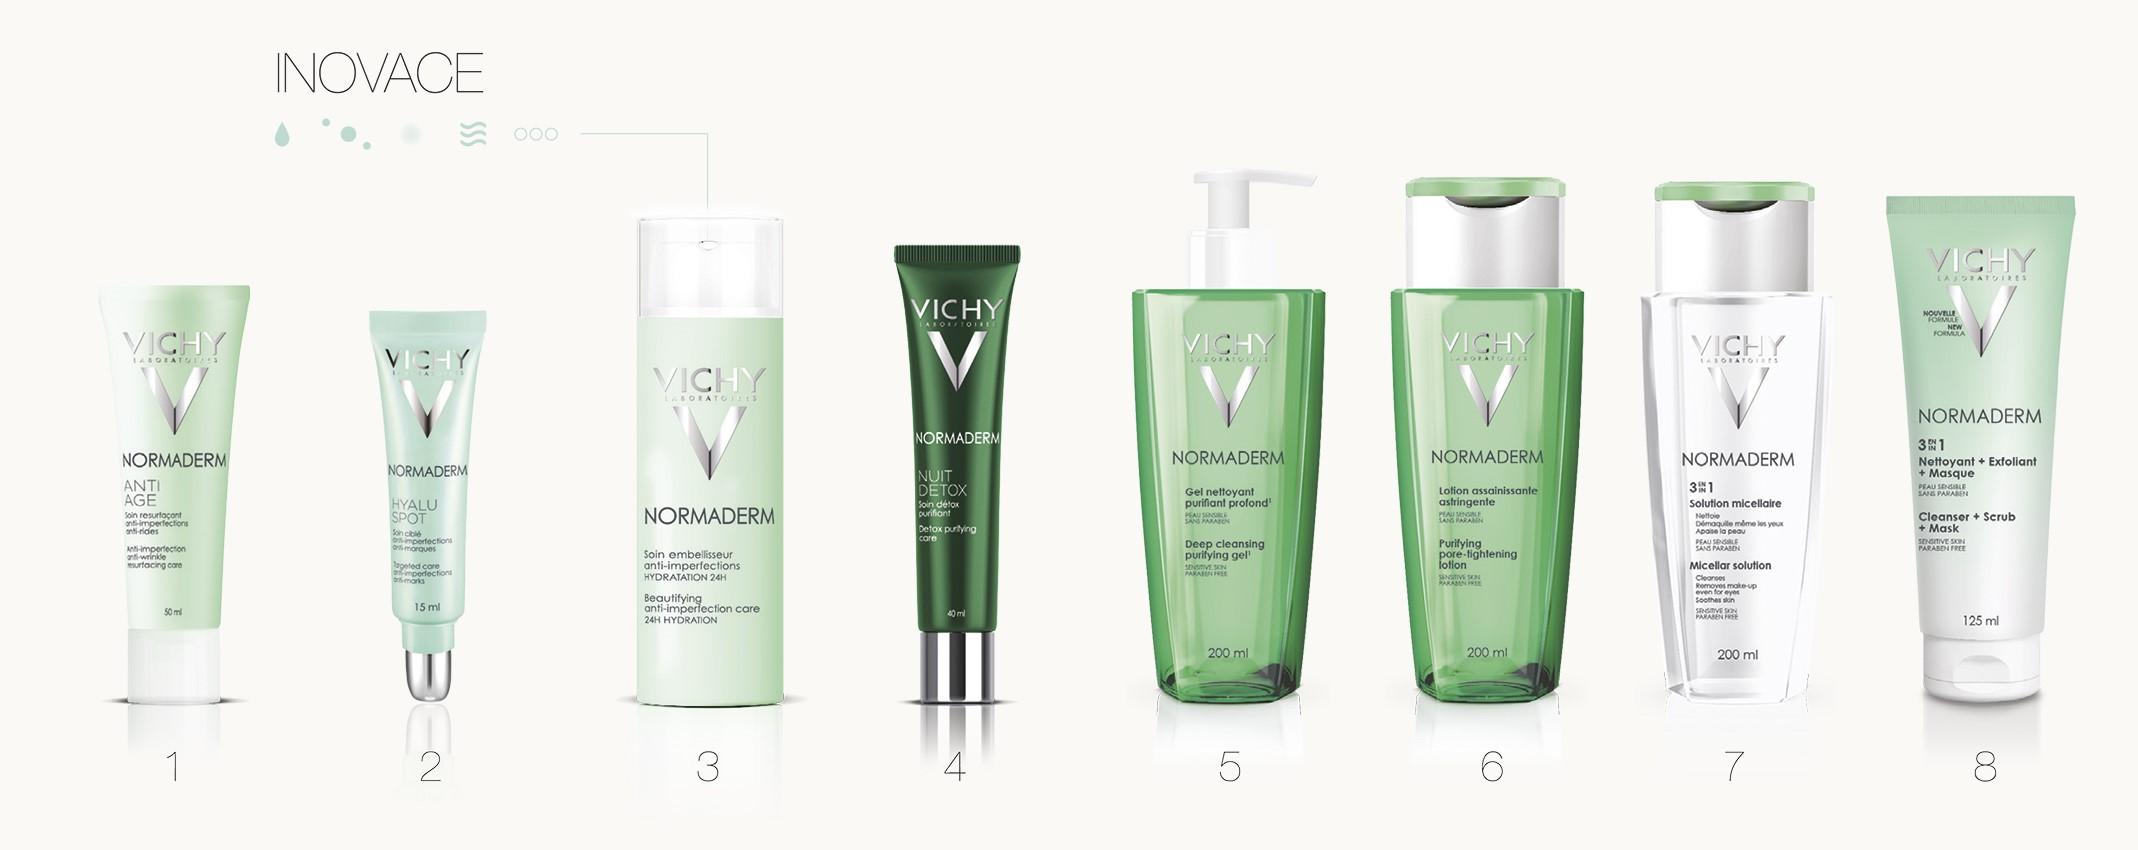 Vichy, normaderm, Kosmetik